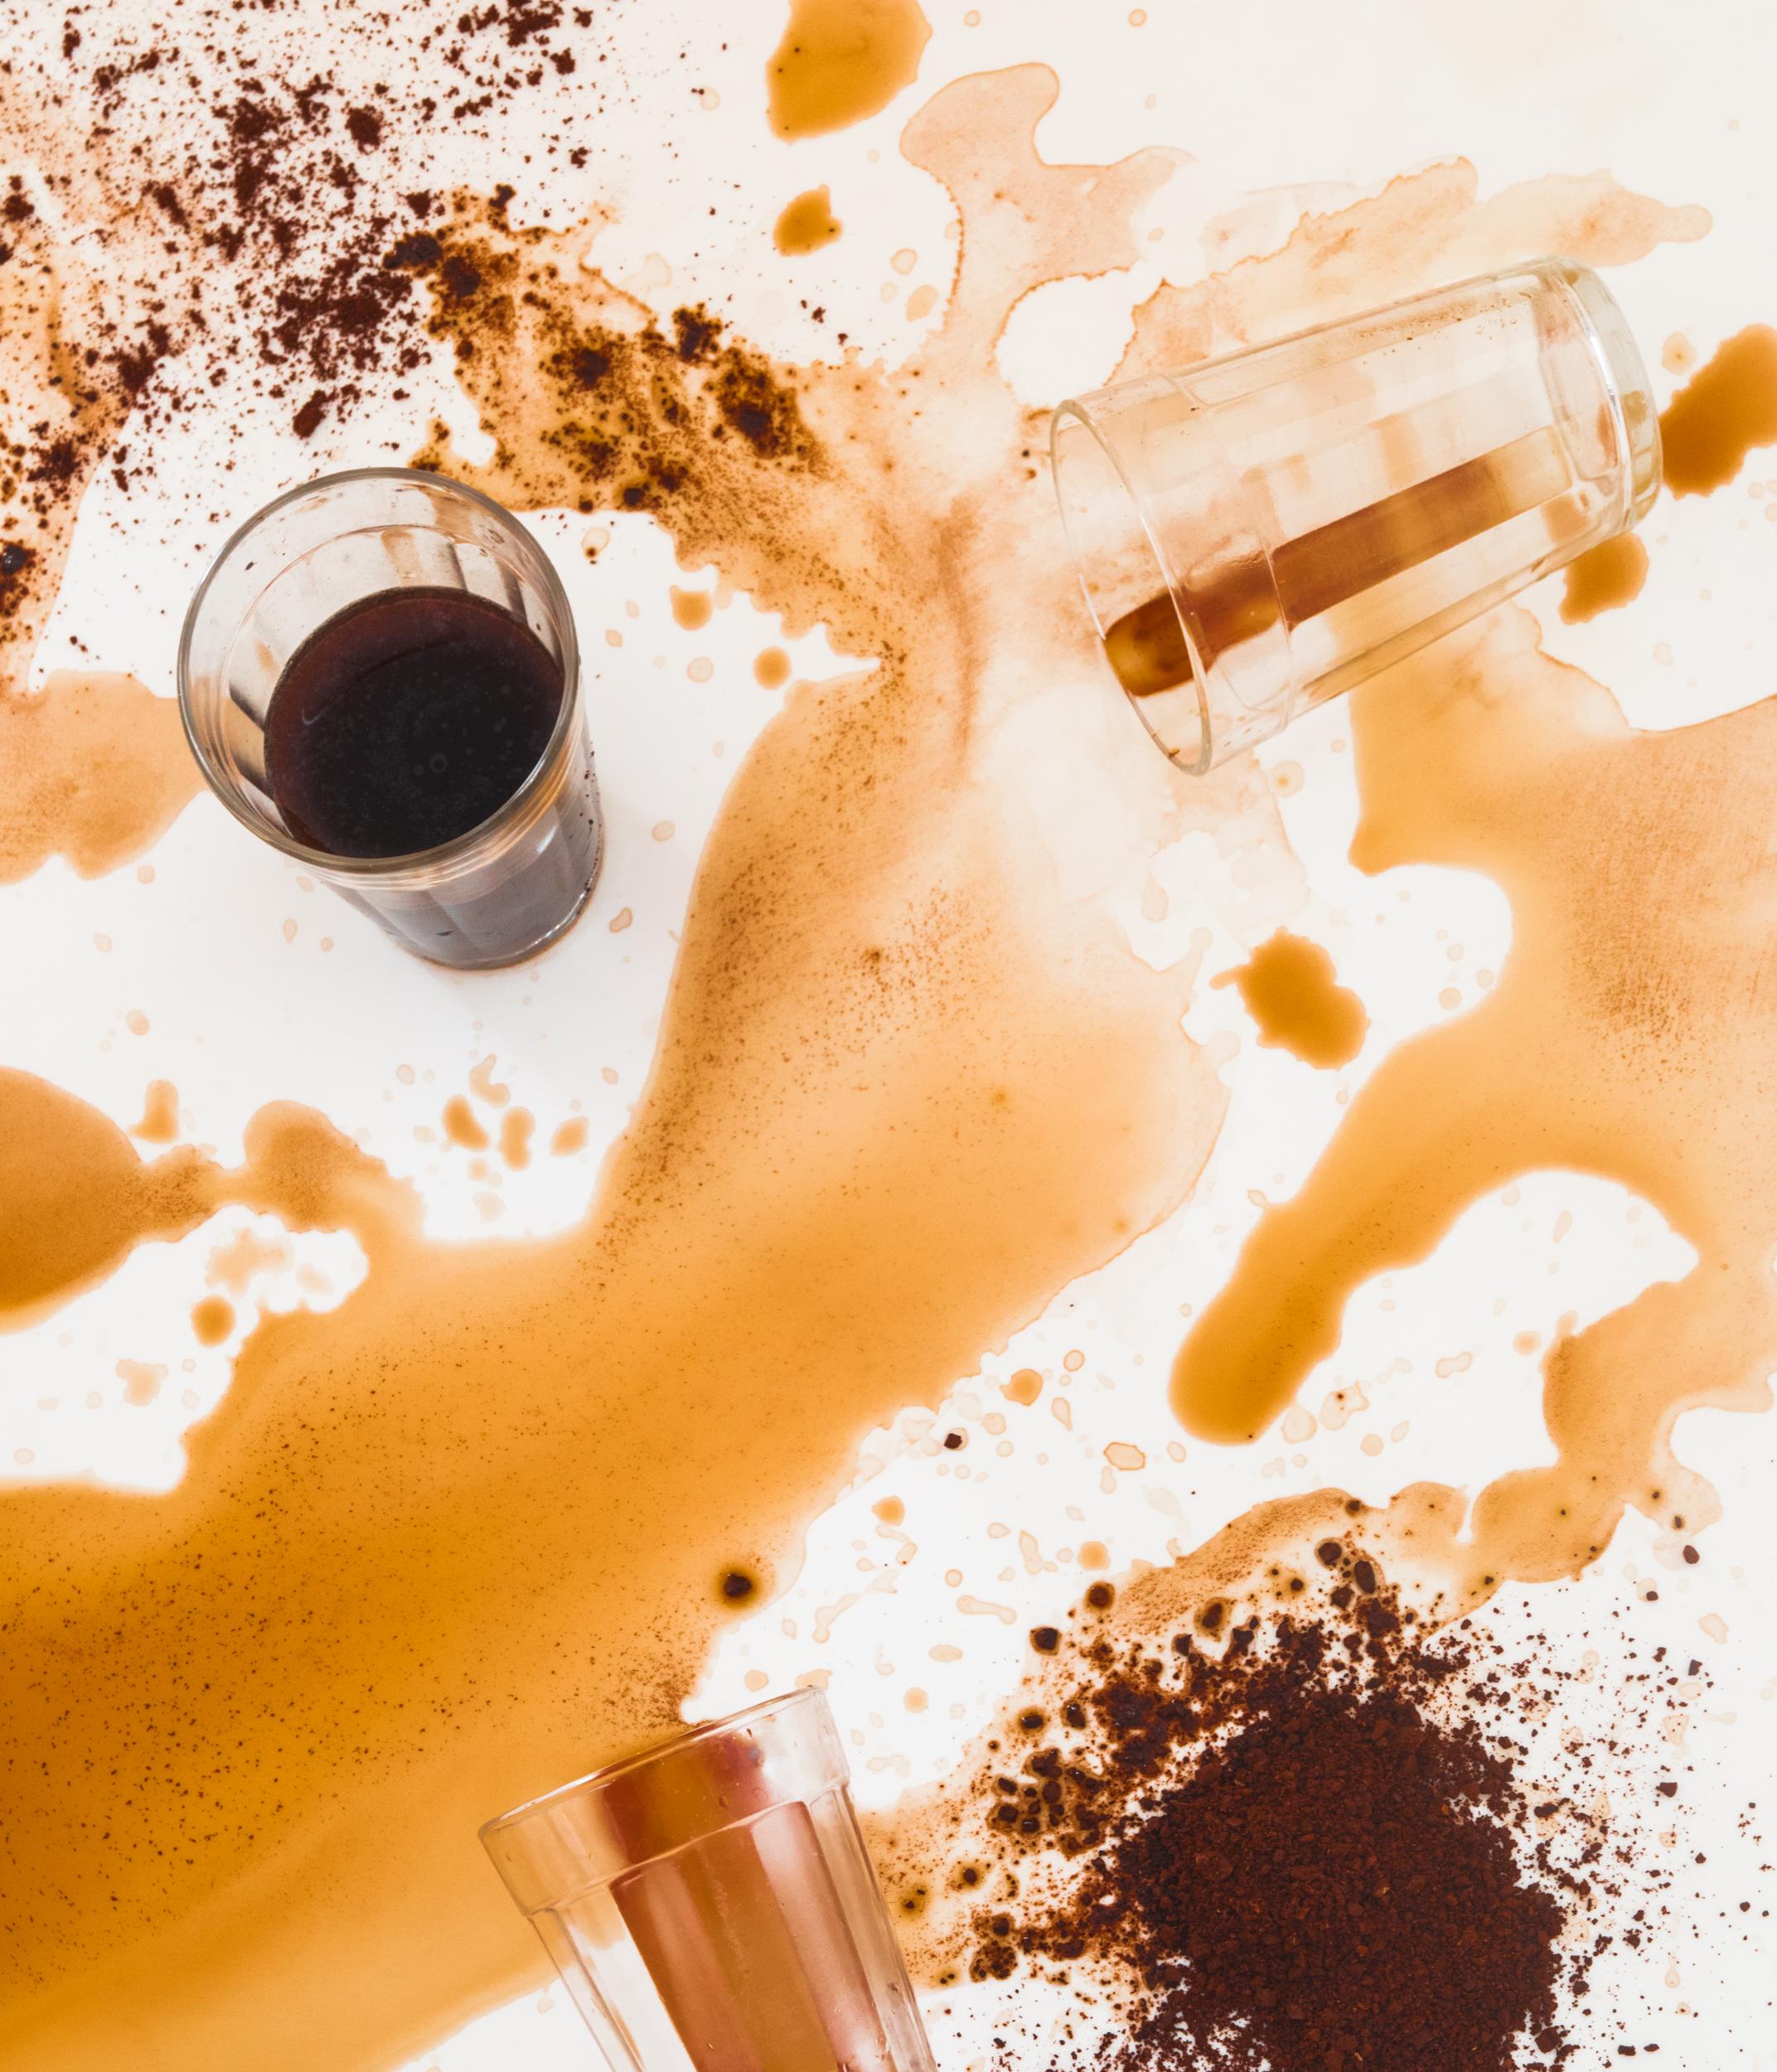 171201 Tatu - Queijo quente e cafe-116.jpg